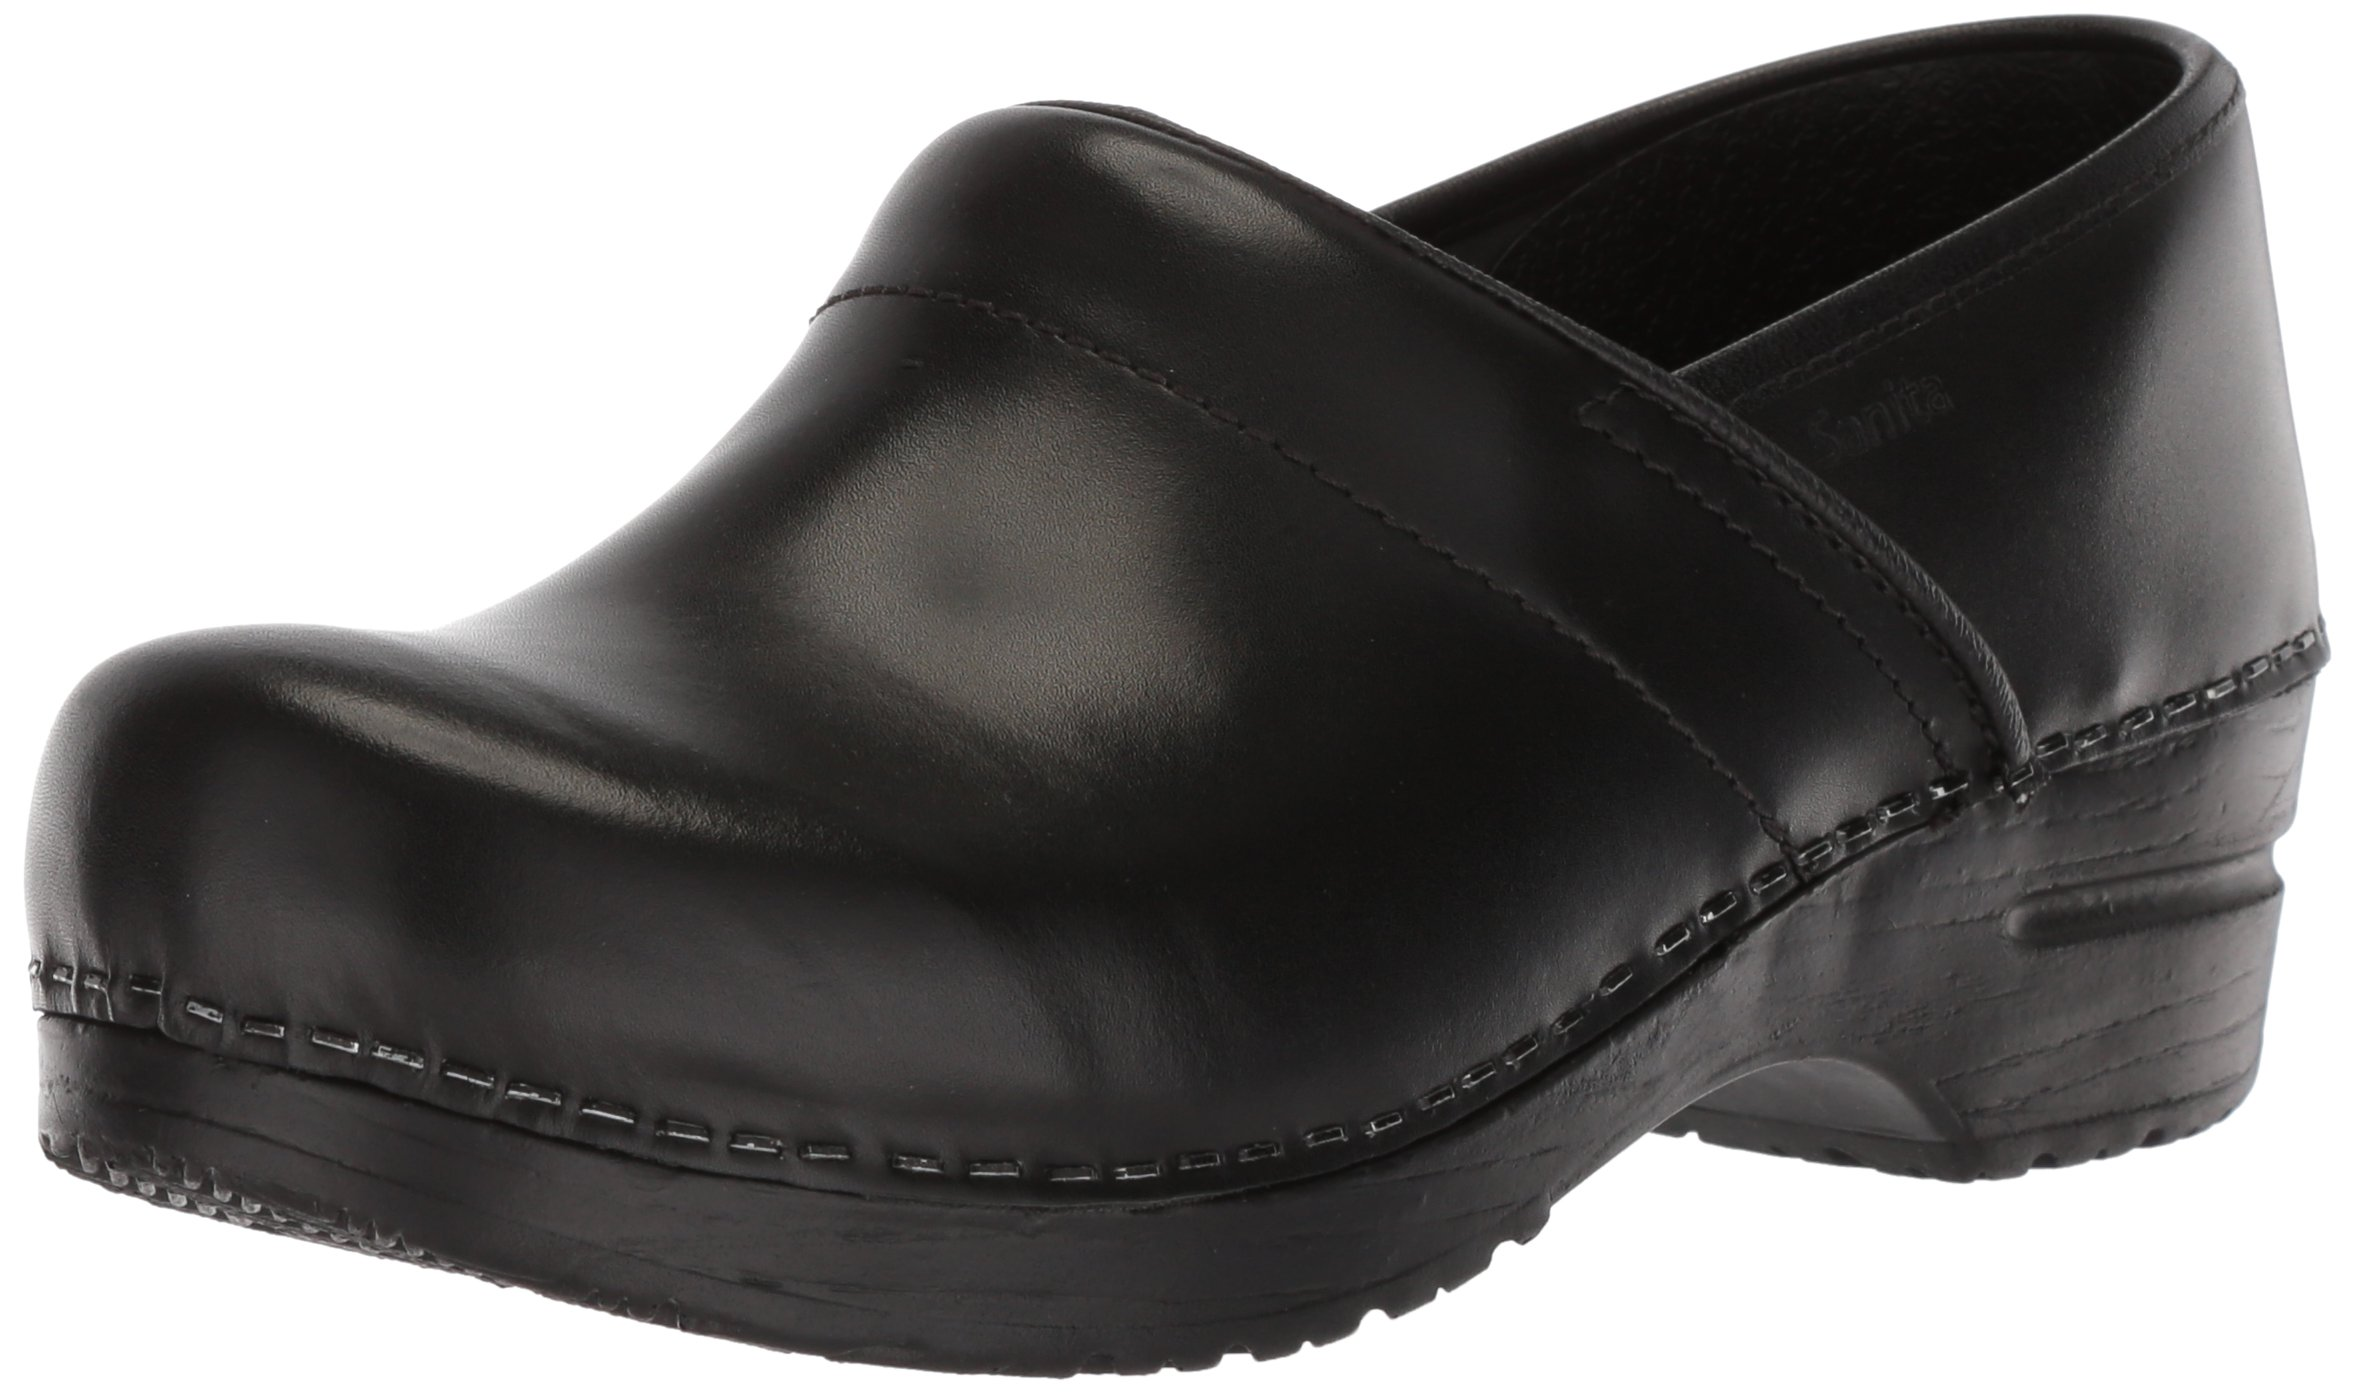 Sanita Women's Professional Cabrio Clog, Black, 39 EU/8-8.5 W US